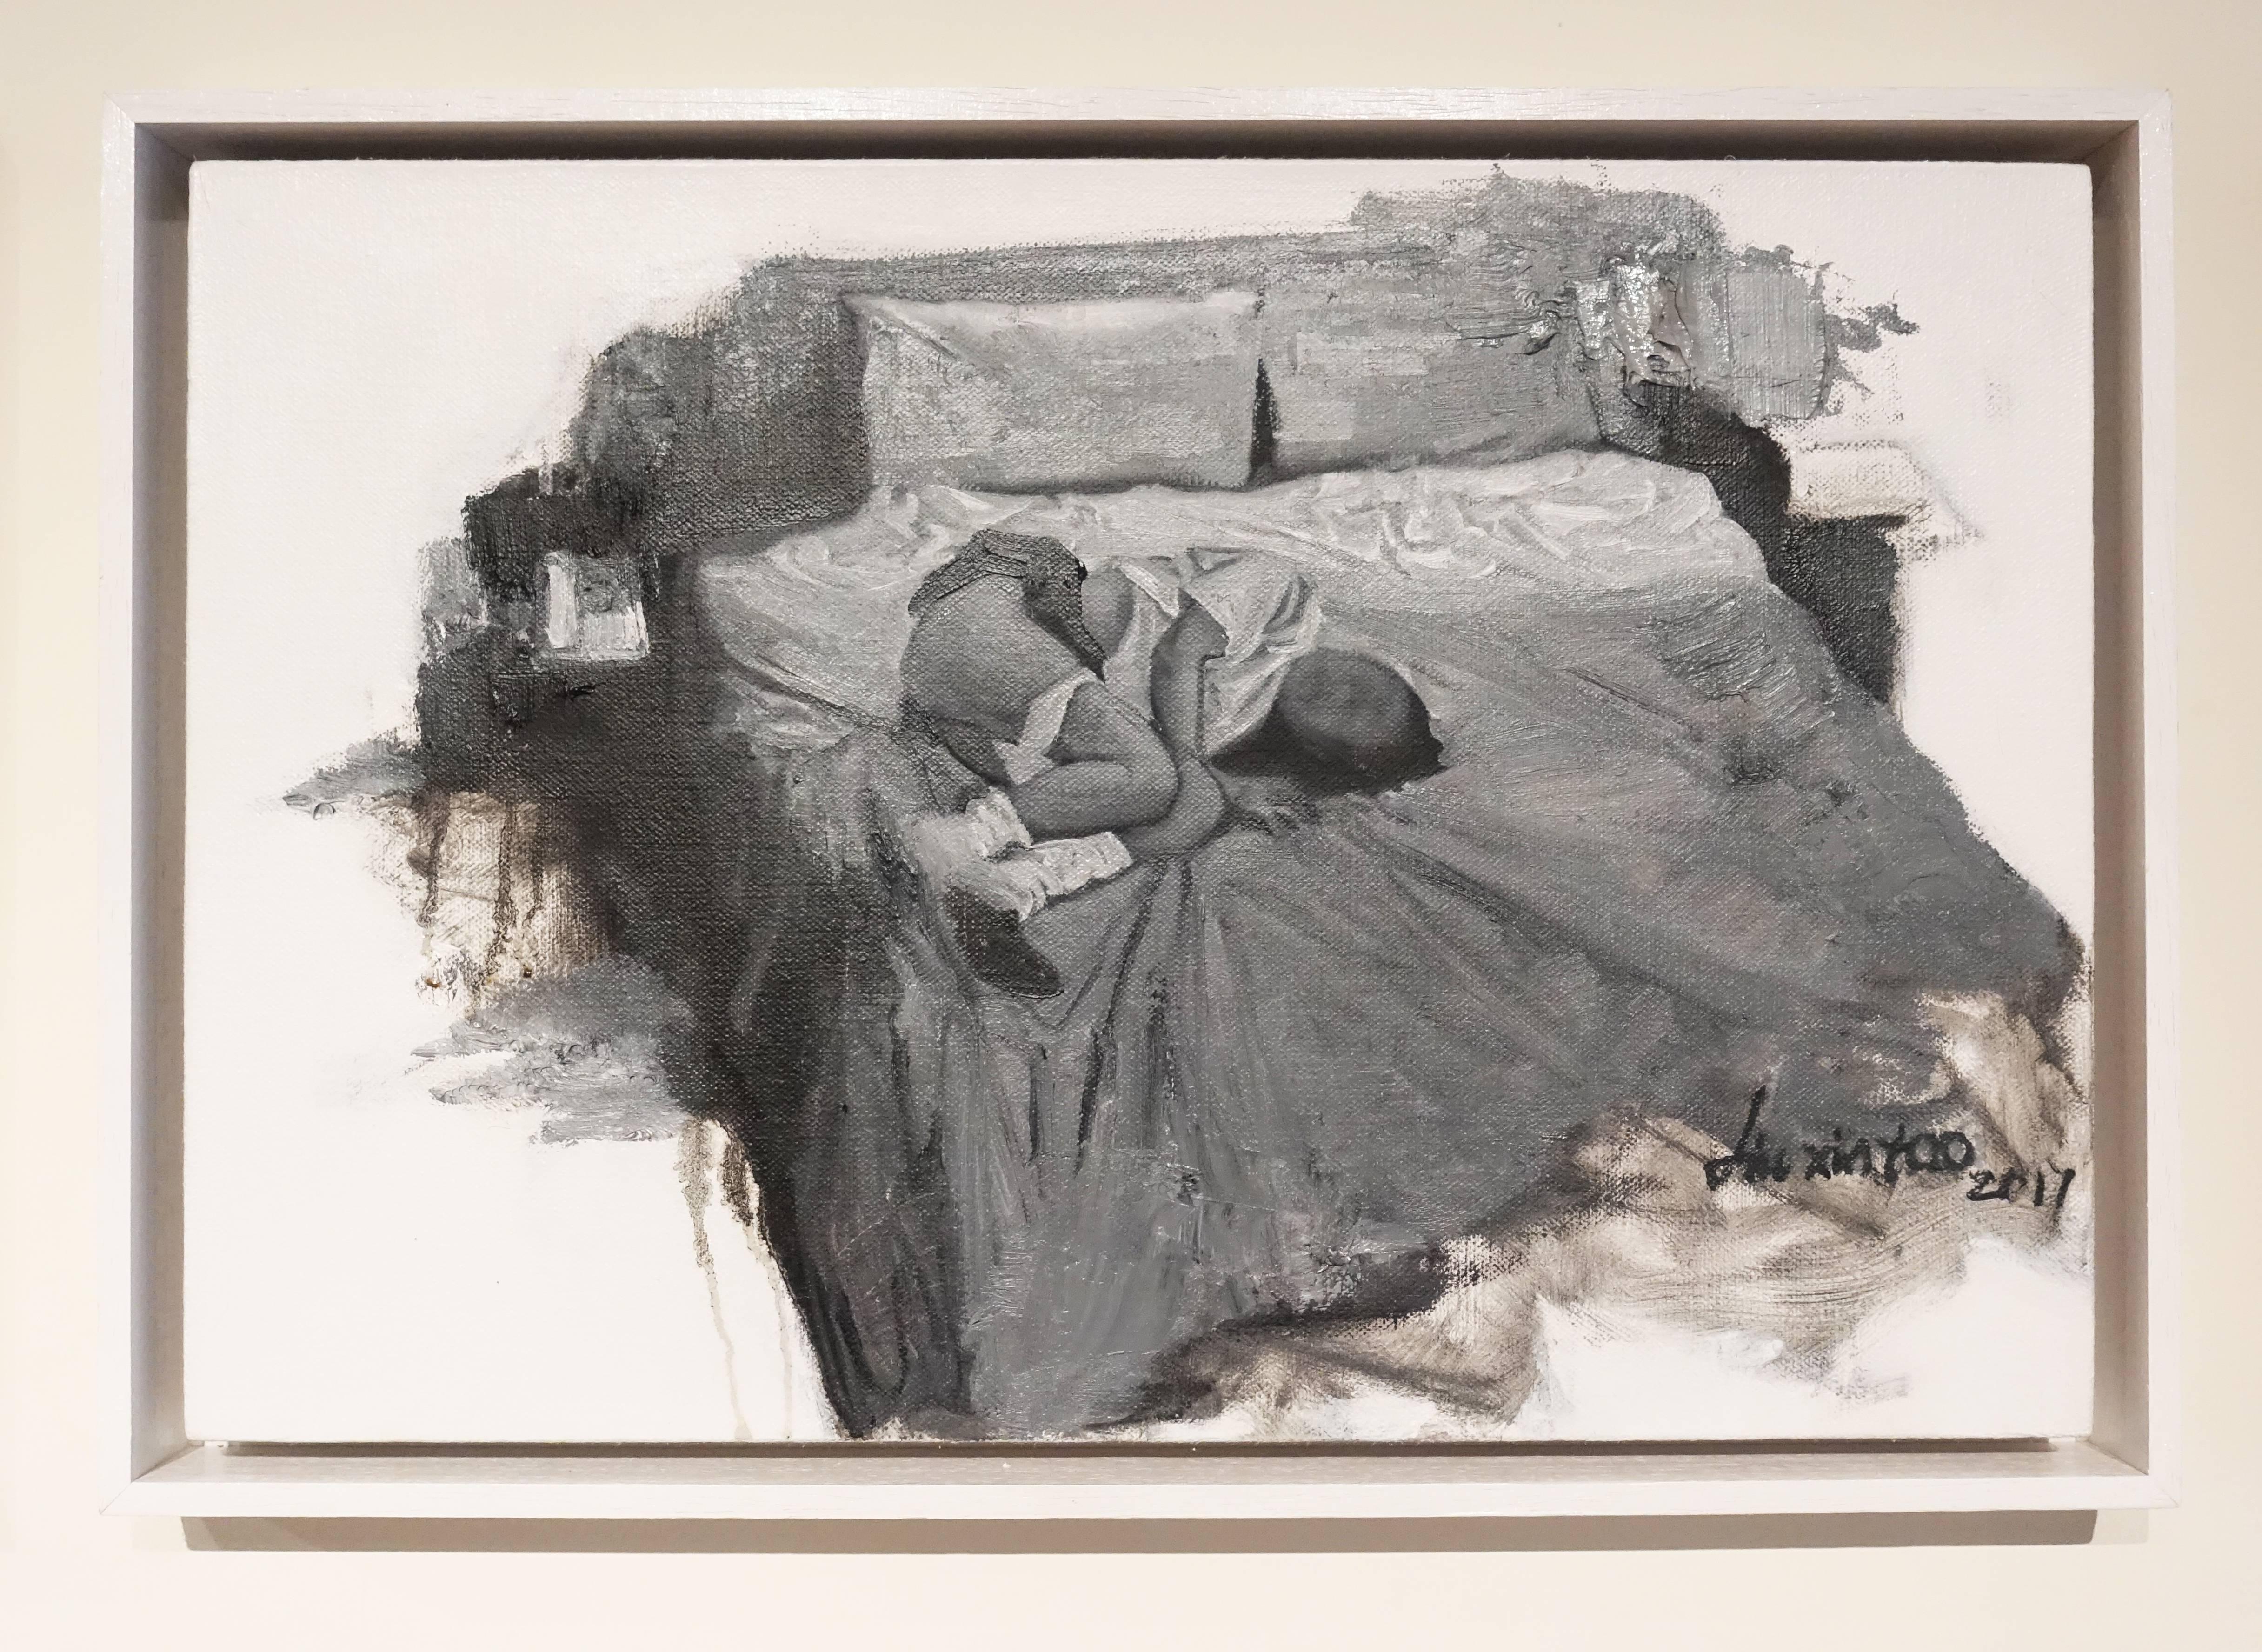 劉芯濤,《床》之三, 40 x 60 cm,布面油畫,2017。